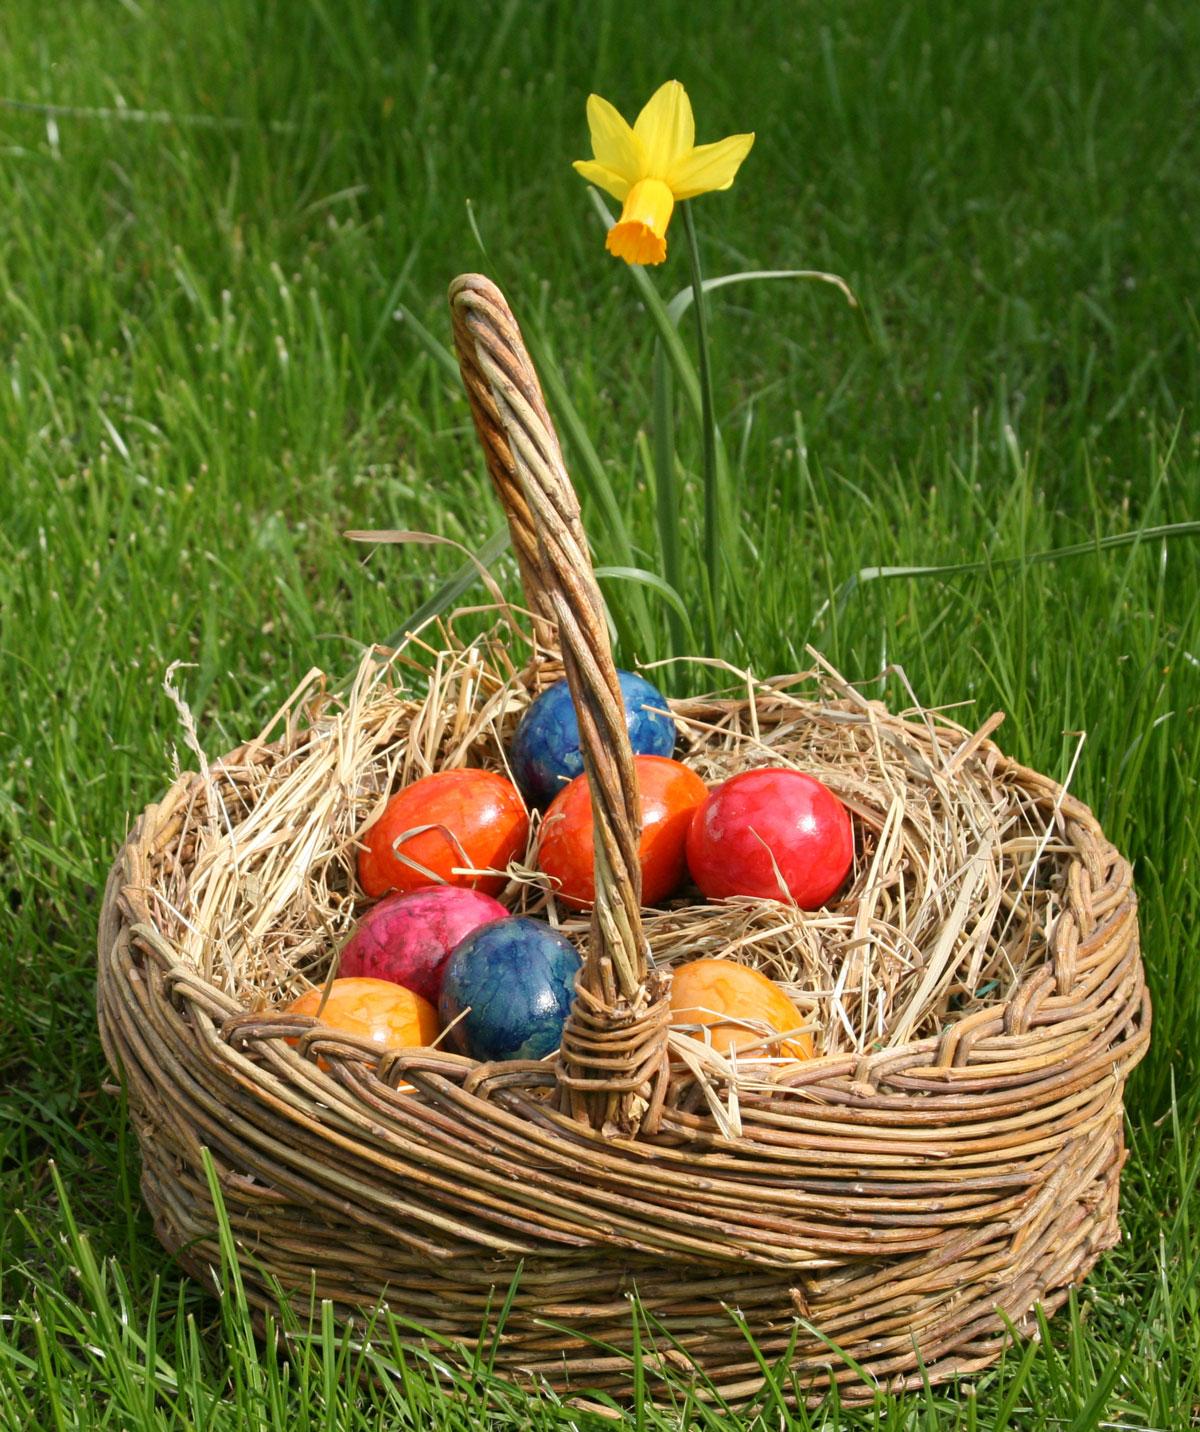 Fairfield, Power egg hunts March 31